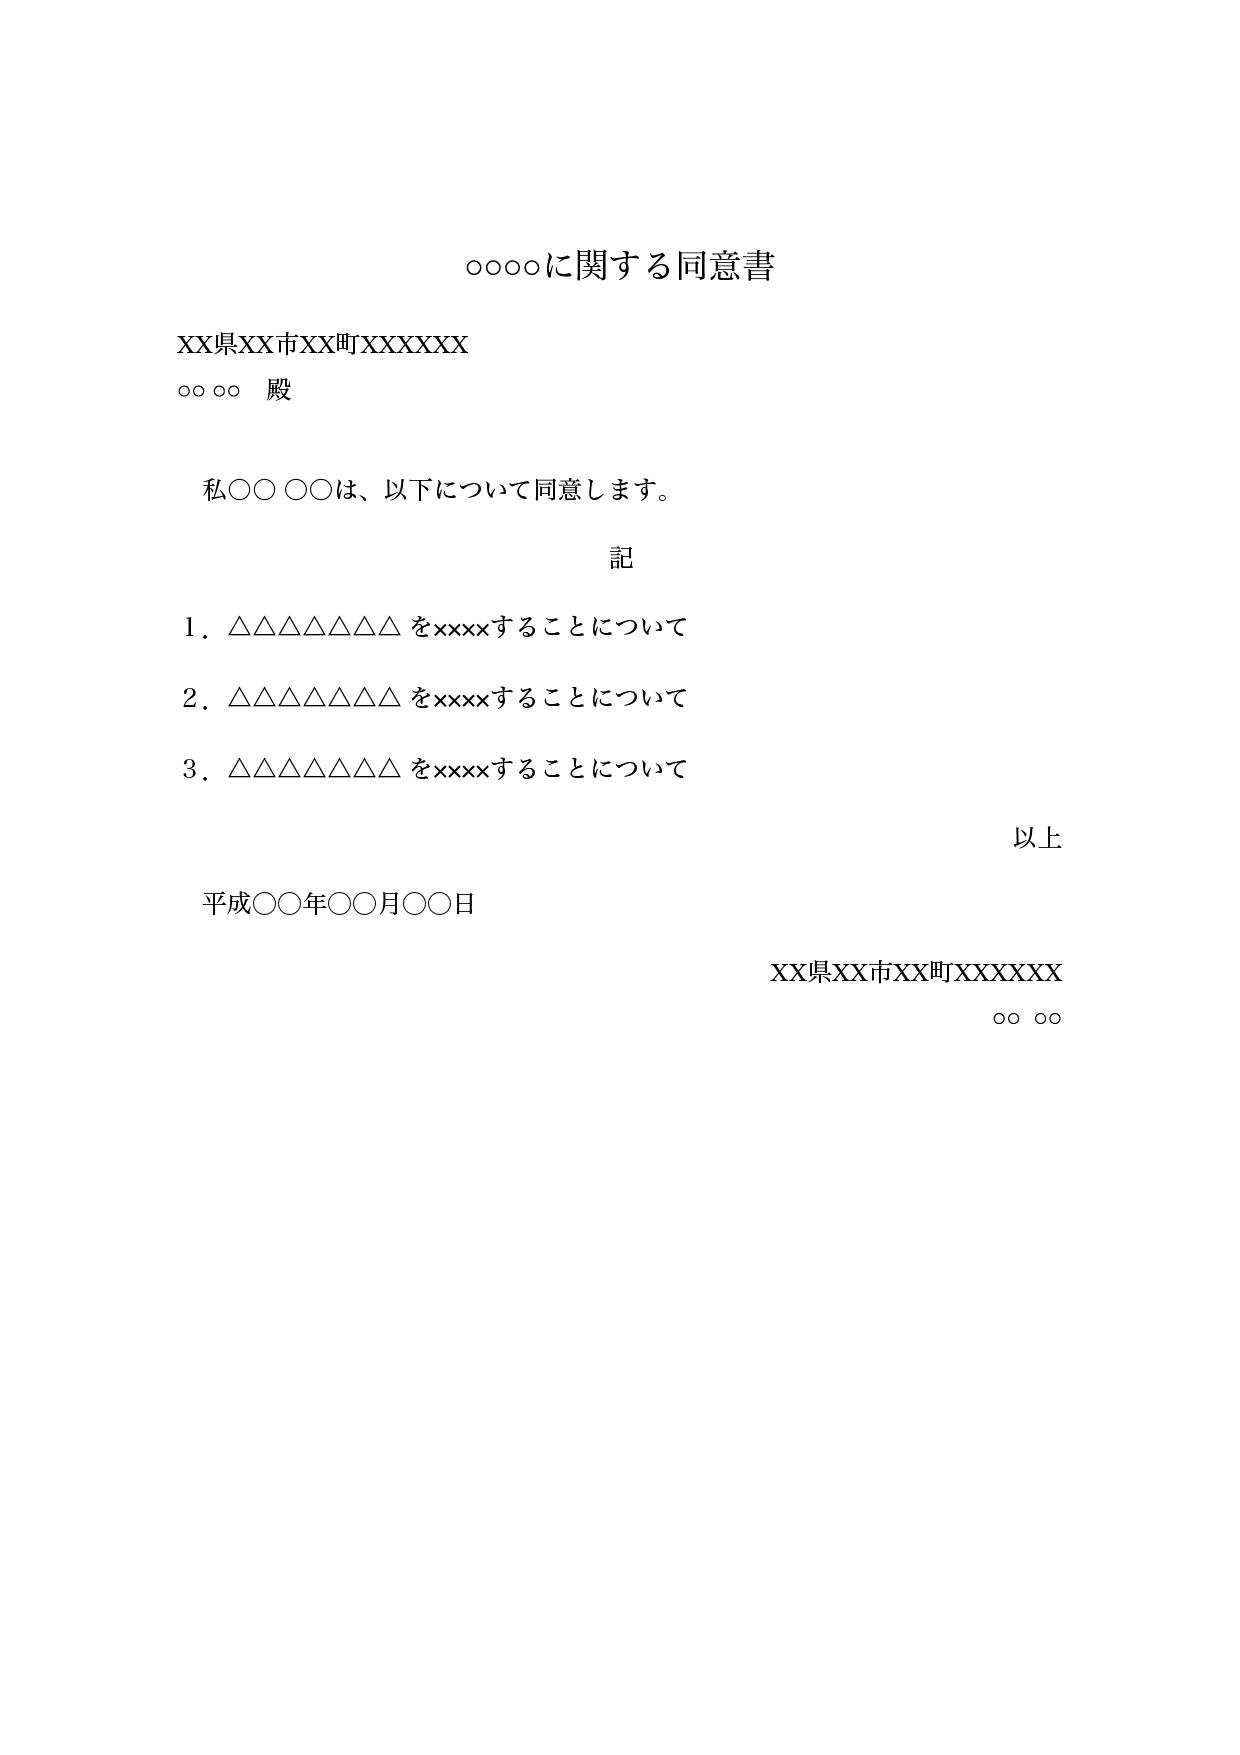 同意書・承諾書のシンプルなテンプレート(ワード・ページズ)